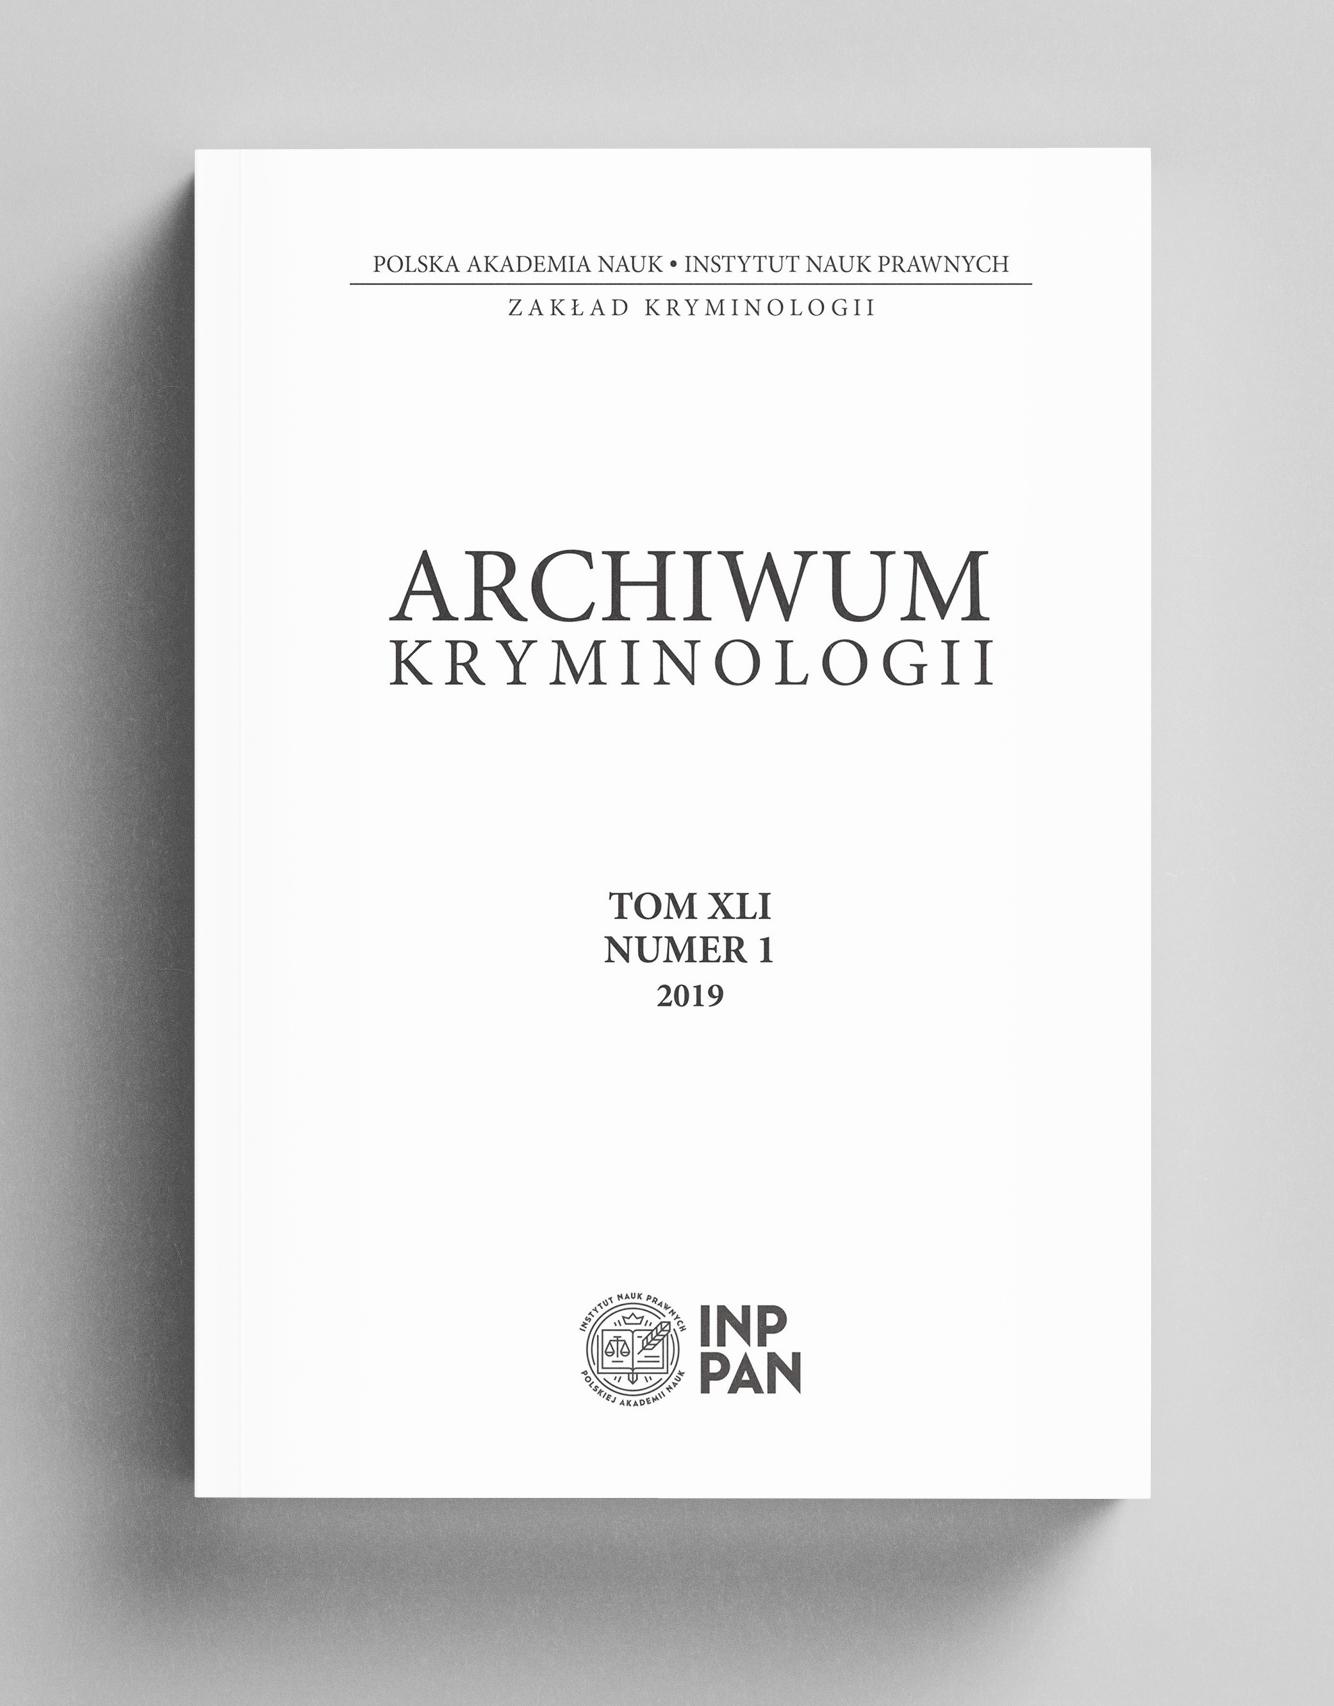 Okładka Archiwum Kryminologii